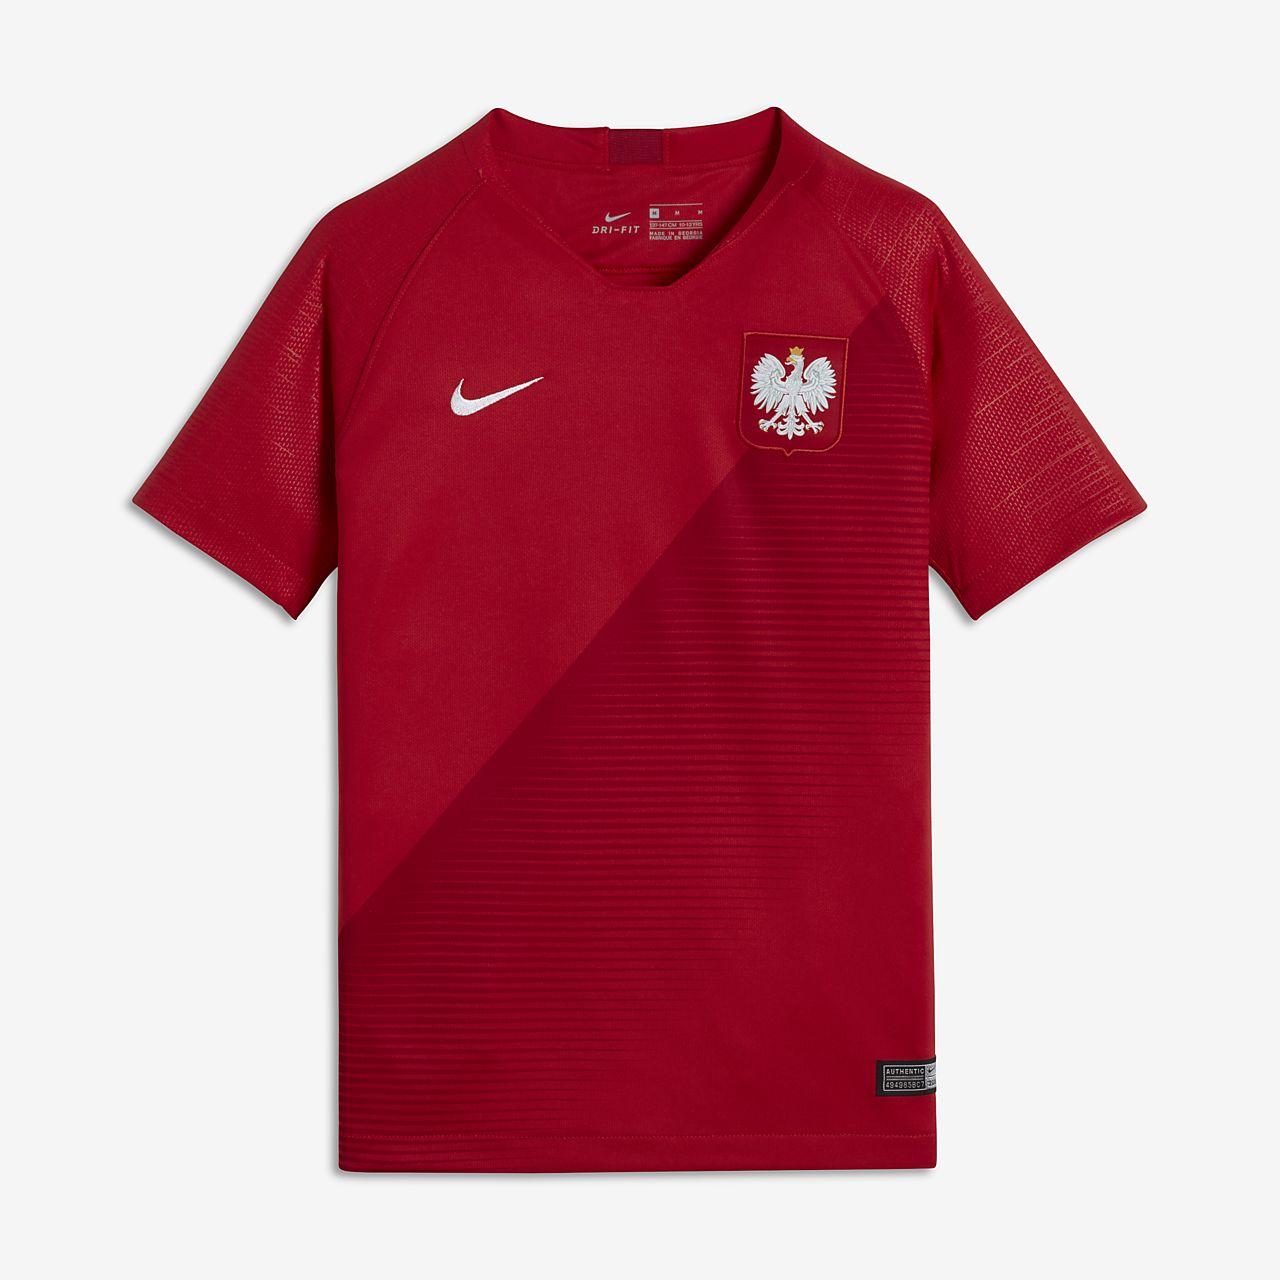 2018 Poland Stadium Away fotballdrakt for store barn